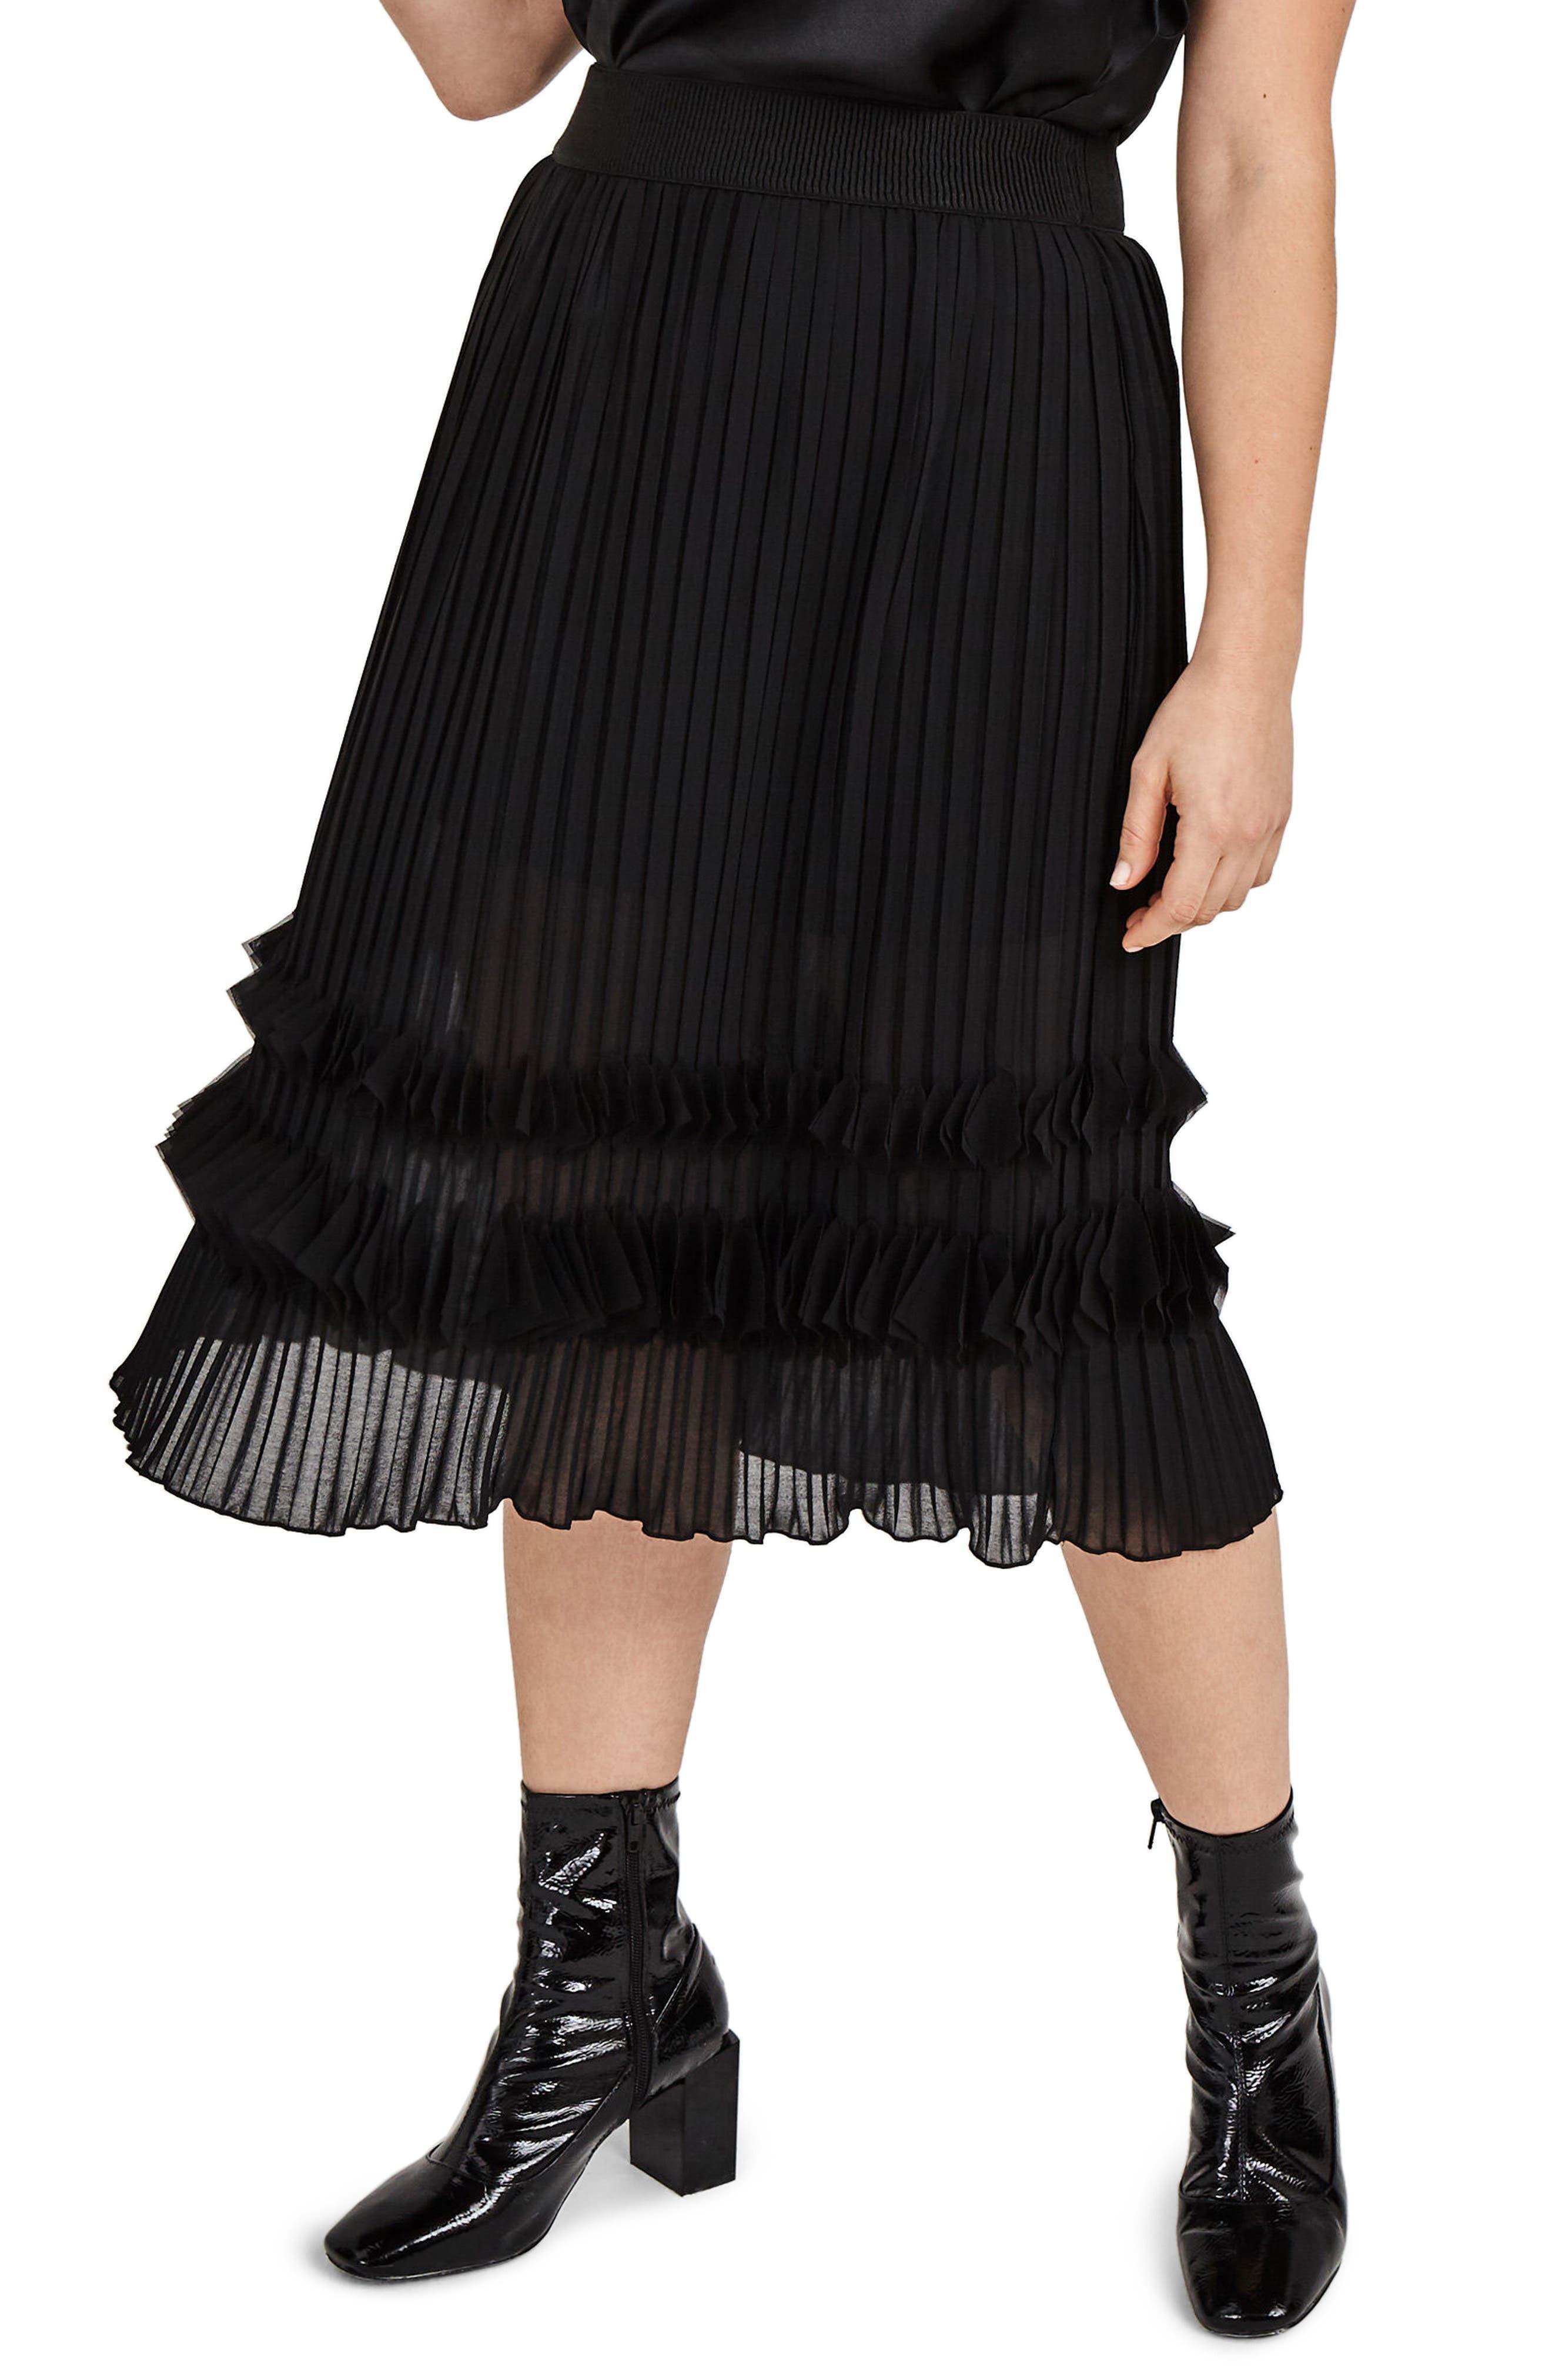 Alternate Image 1 Selected - ELVI Pleated Chiffon Midi Skirt (Plus Size)